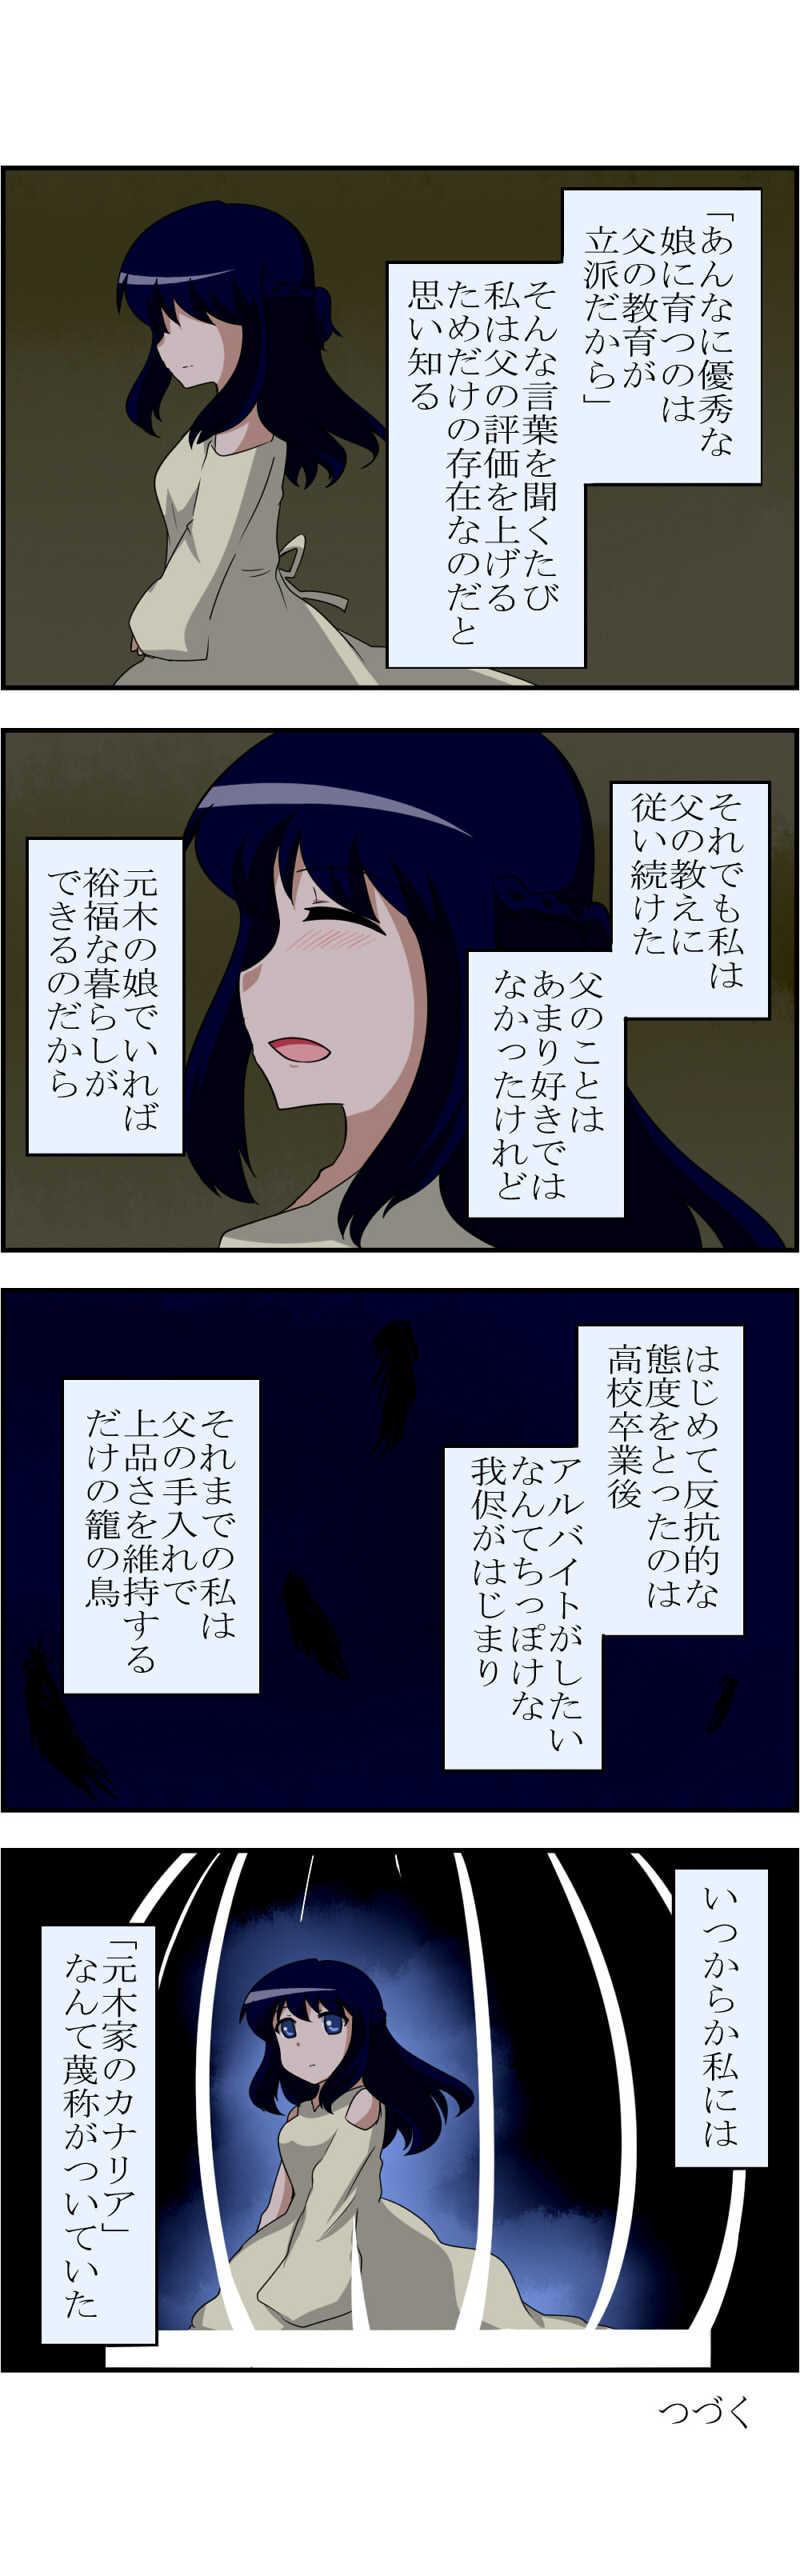 第33話「ハートフルフレンズ③」